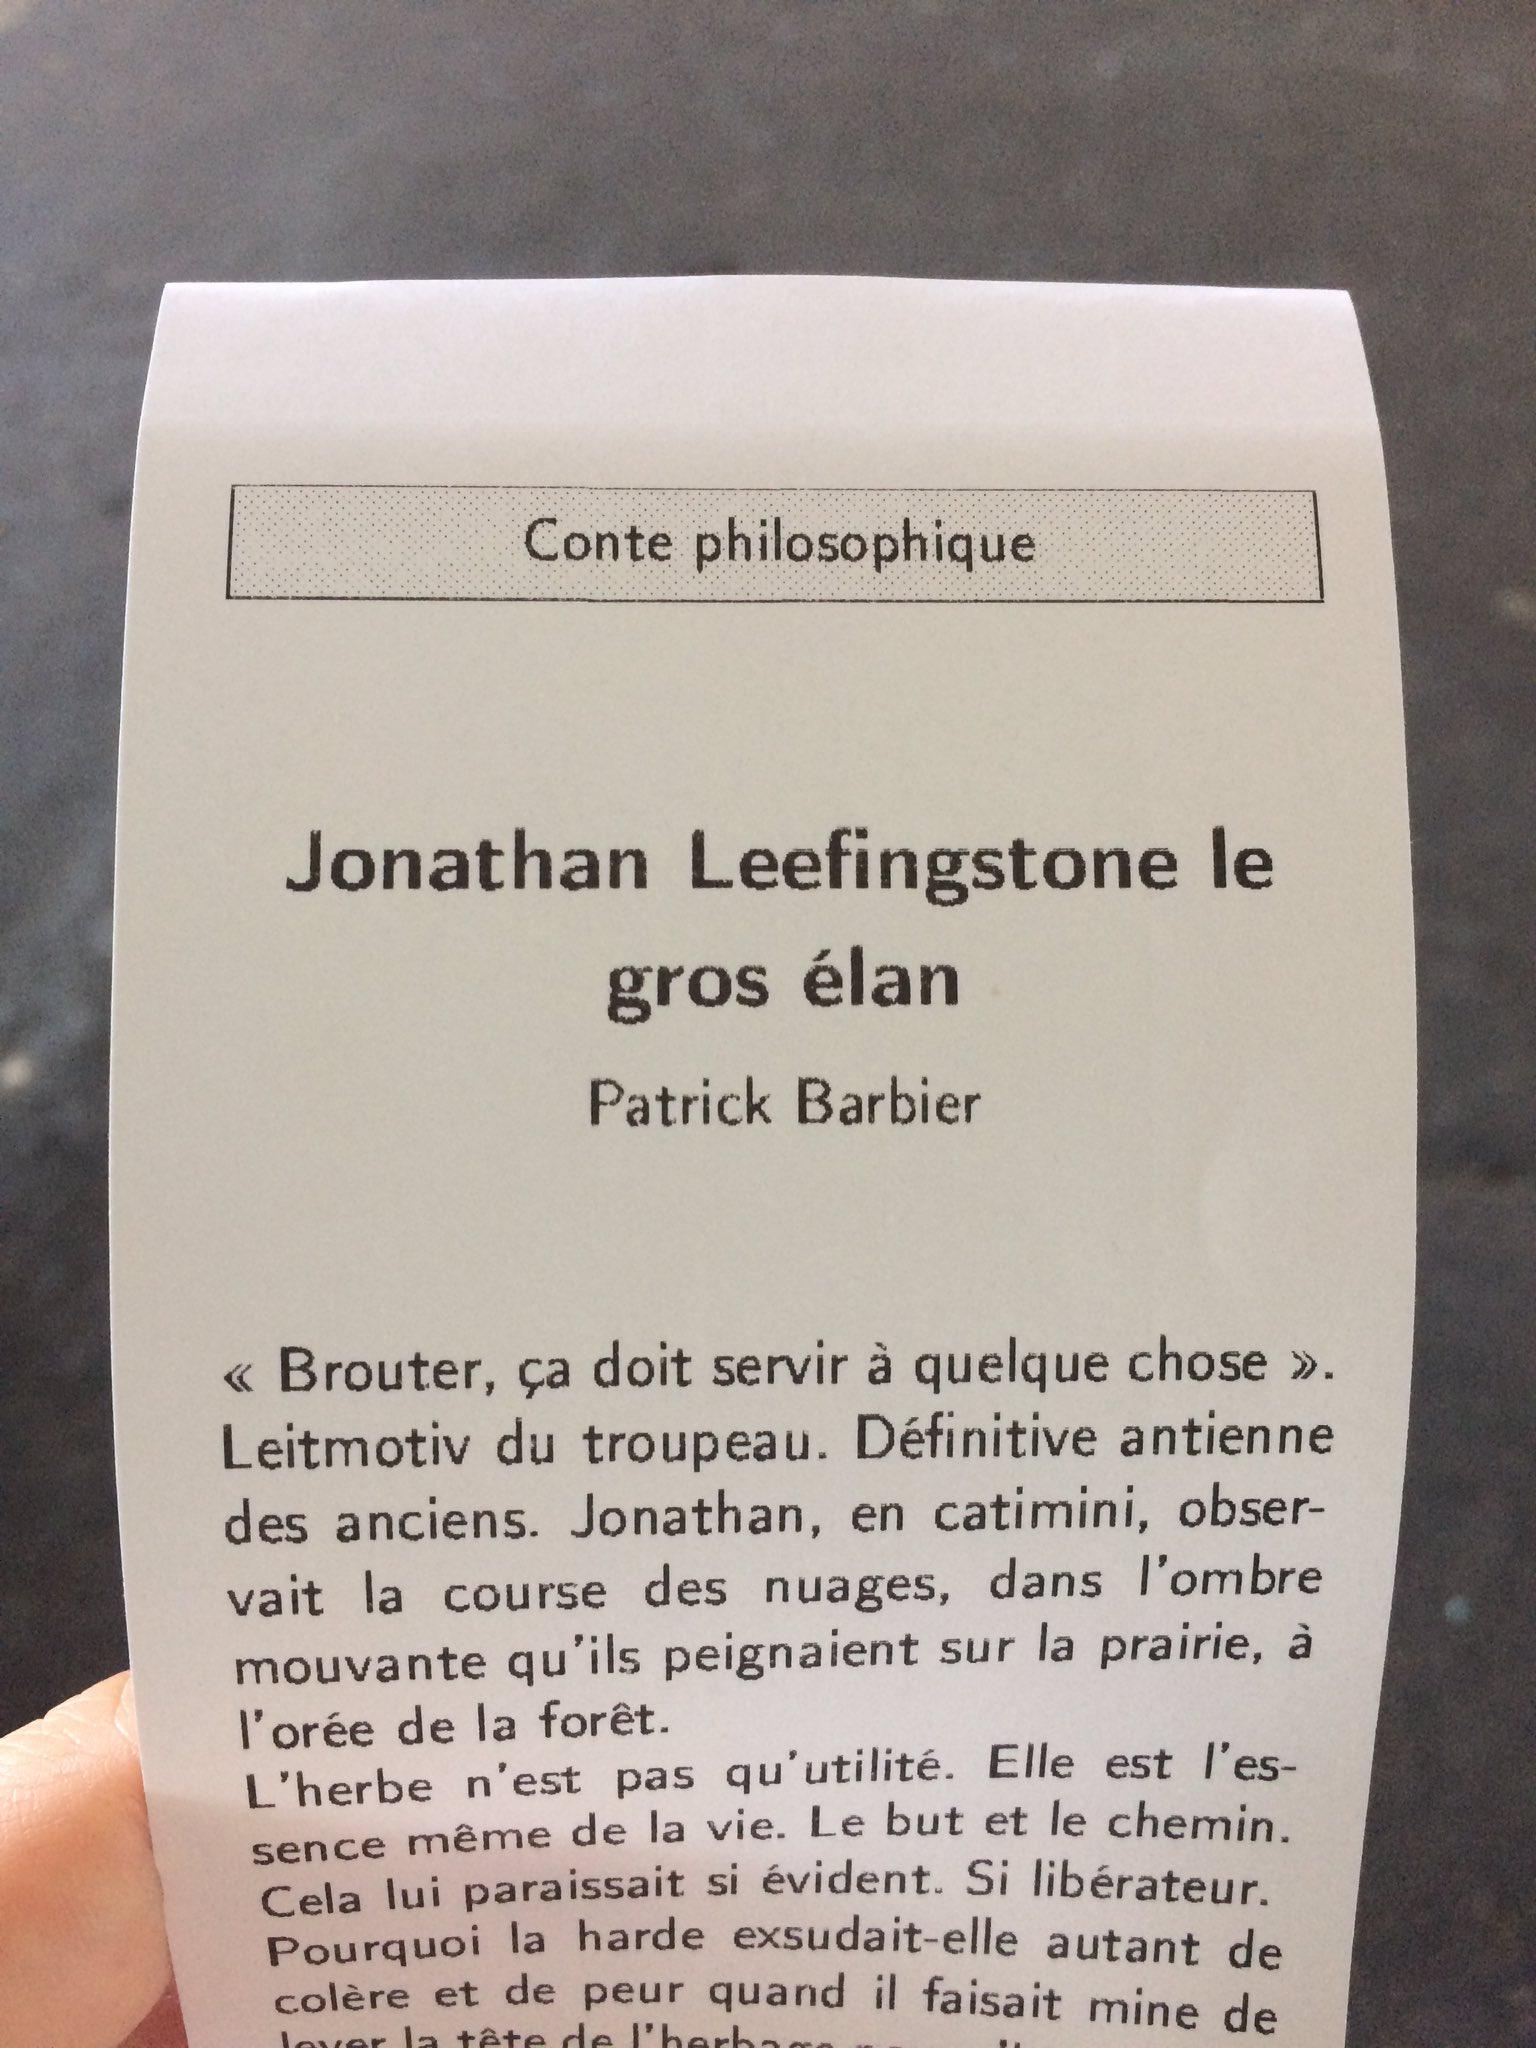 Cet après-midi, après #despoliti, on teste le distributeur d'histoires courtes de la @SNCF, @MellePotopov 😉 https://t.co/tWyO5wo7ky